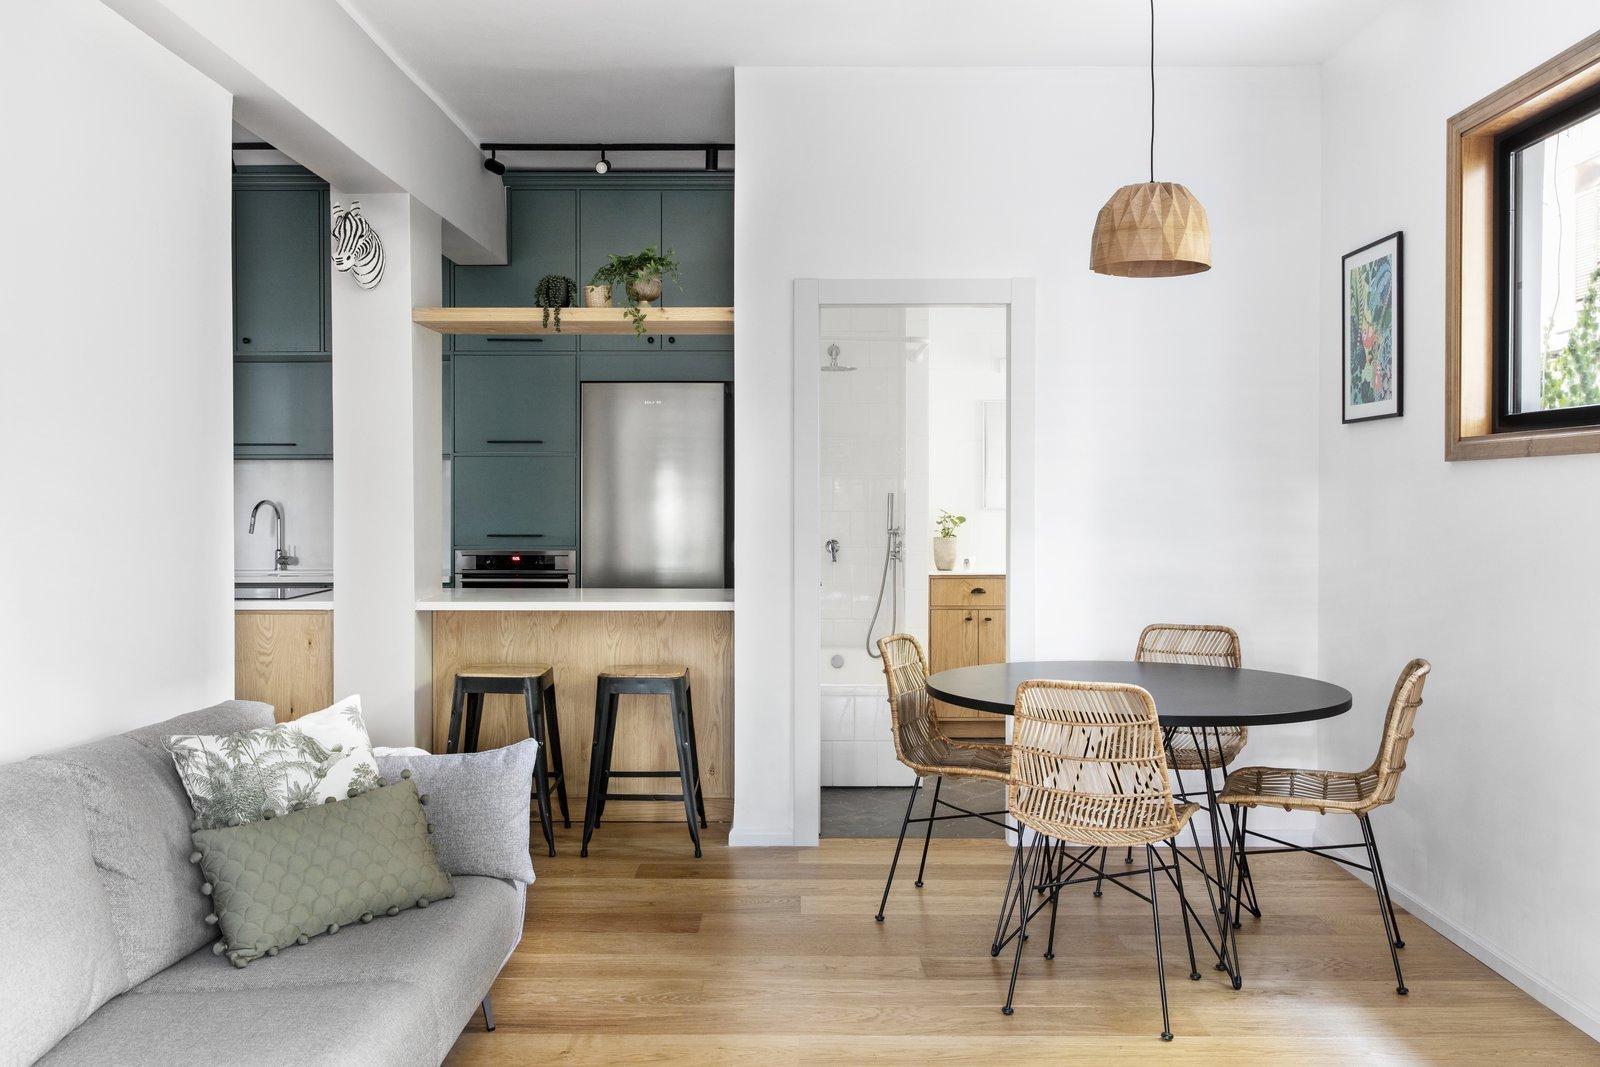 Balkón obklopený zelení se stal tou pravou inspirací pro přeměnu dosud potemnělého telavivského bytu na svěží bydlení. Přírodní materiály, zemité barvy, zvířecí a rostlinné motivy – to všechno je symbolem bydlení v této izraelské městské džungli.